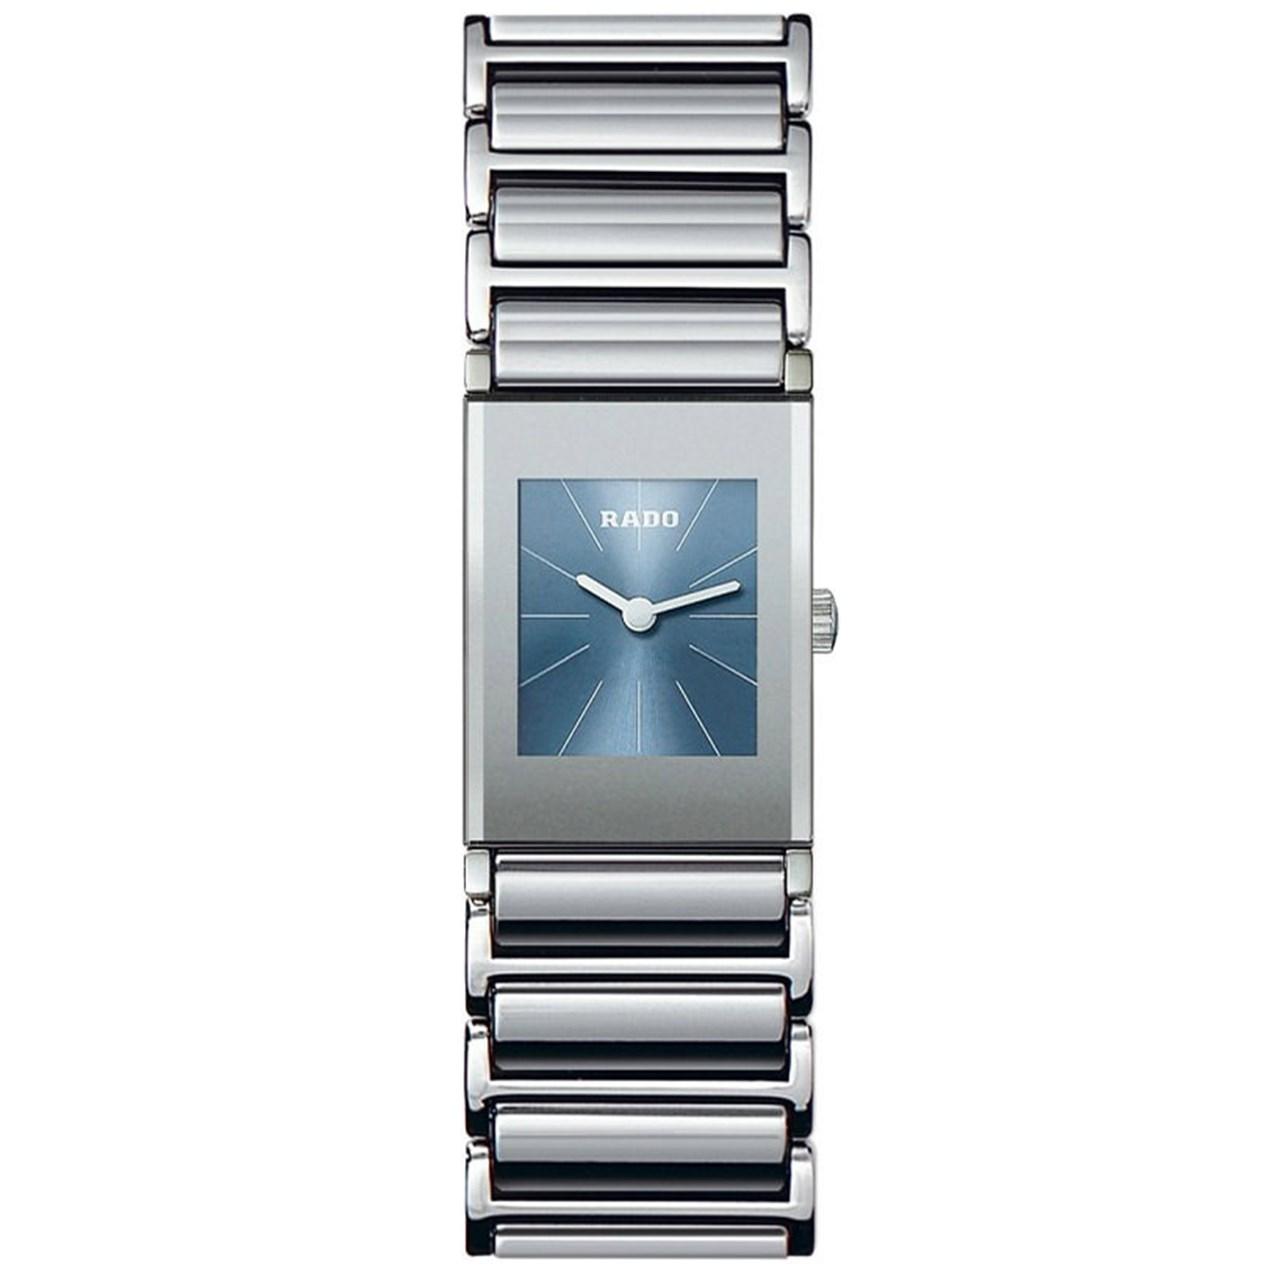 ساعت مچی عقربه ای زنانه رادو مدل 153.0747.3.020